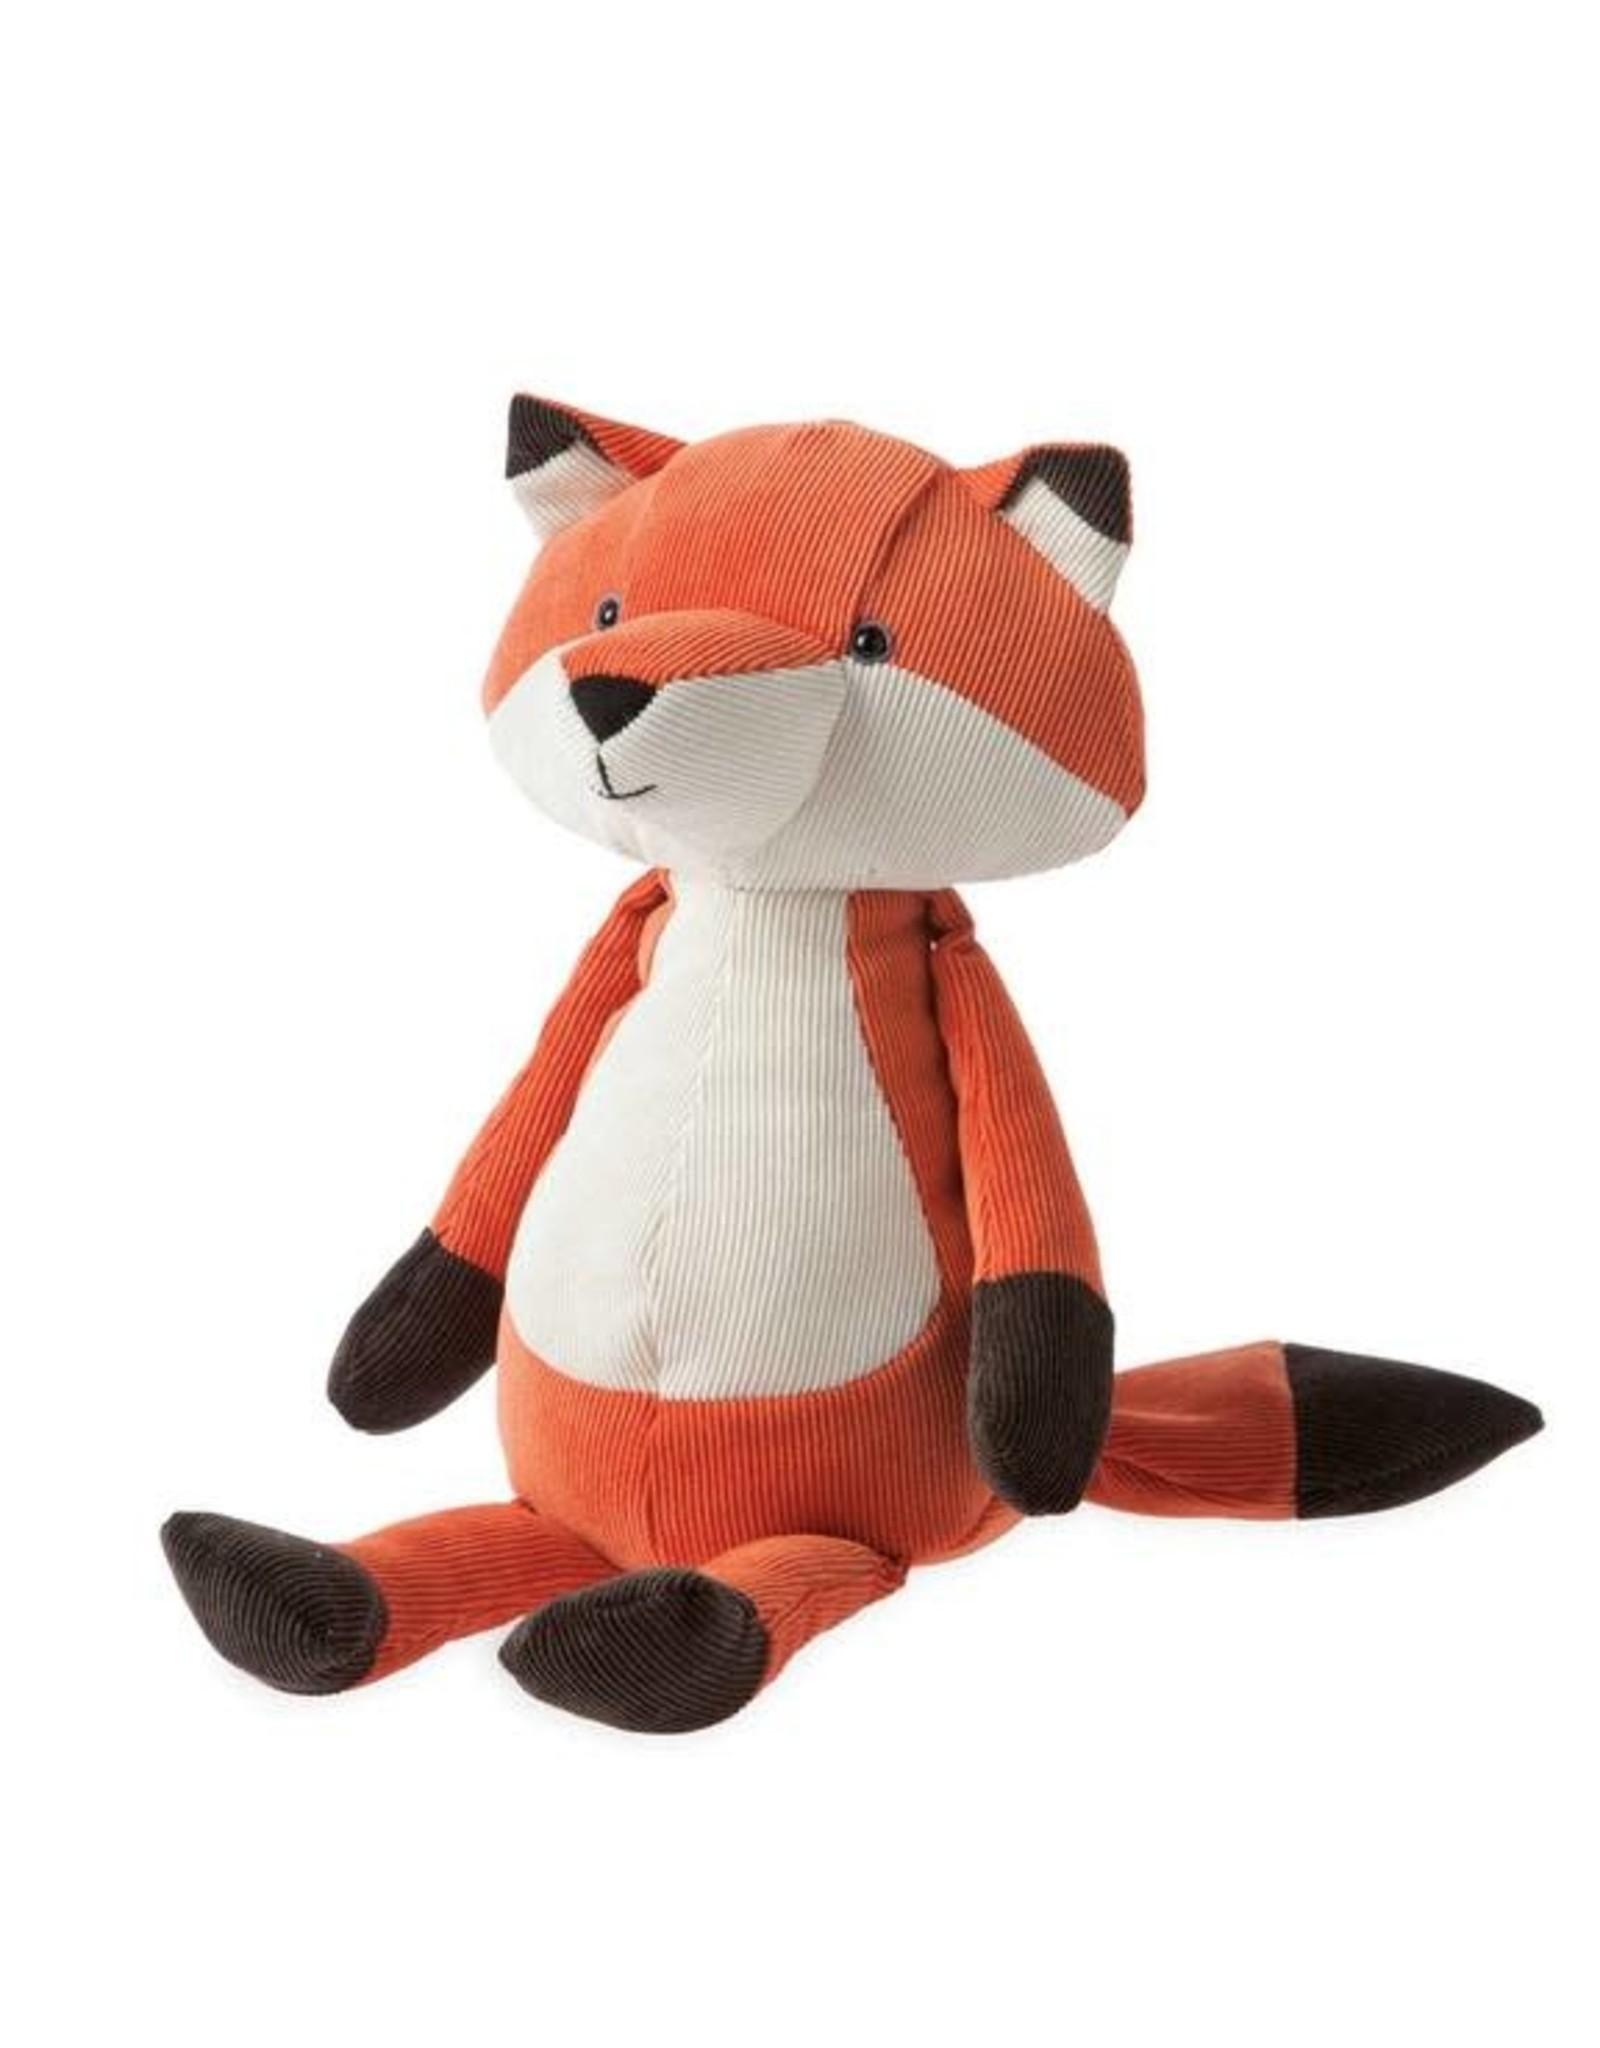 Manhattan Toy Folksy Foresters Plush Fox